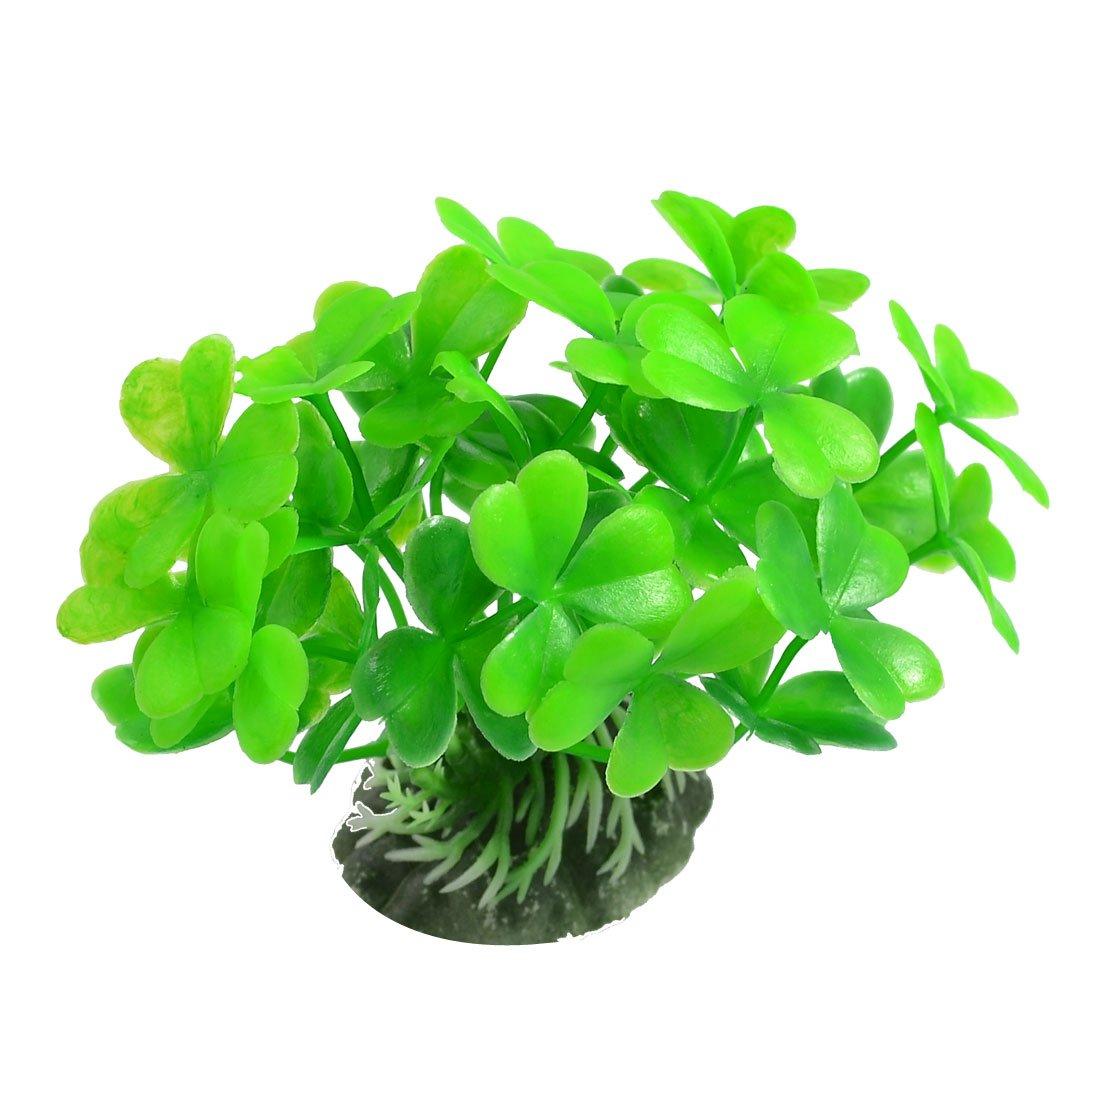 Sourcingmap Plante décorative avec trèfles en plastique pour aquarium Vert DRB5M a12052100ux0053